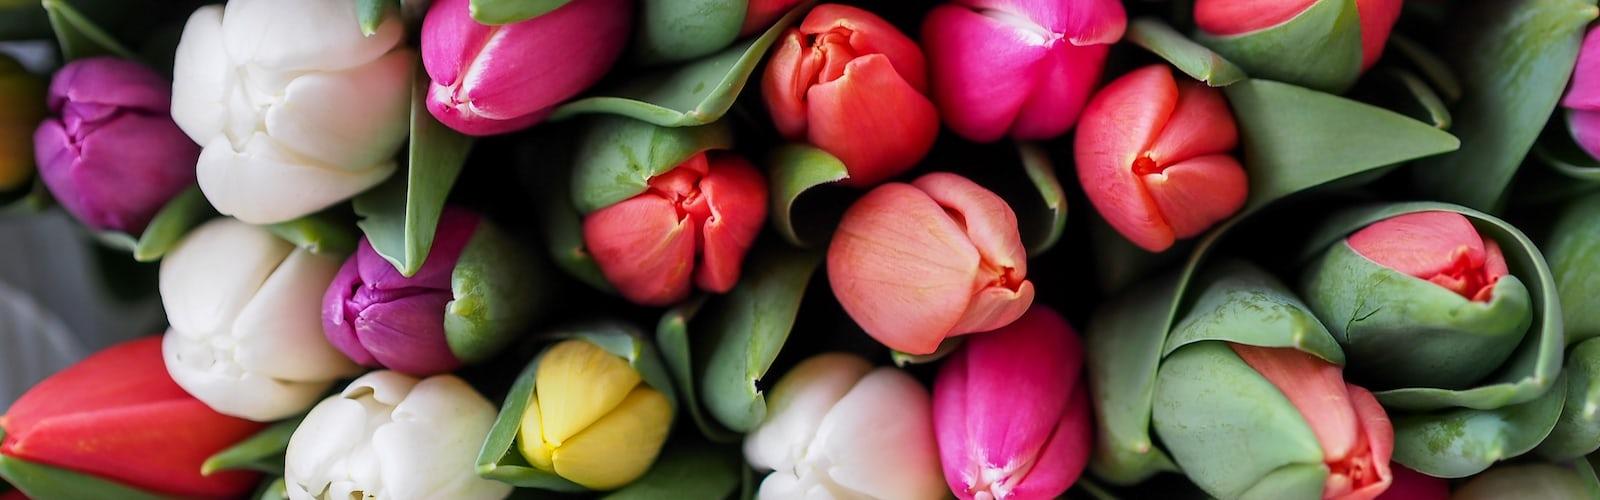 bg image